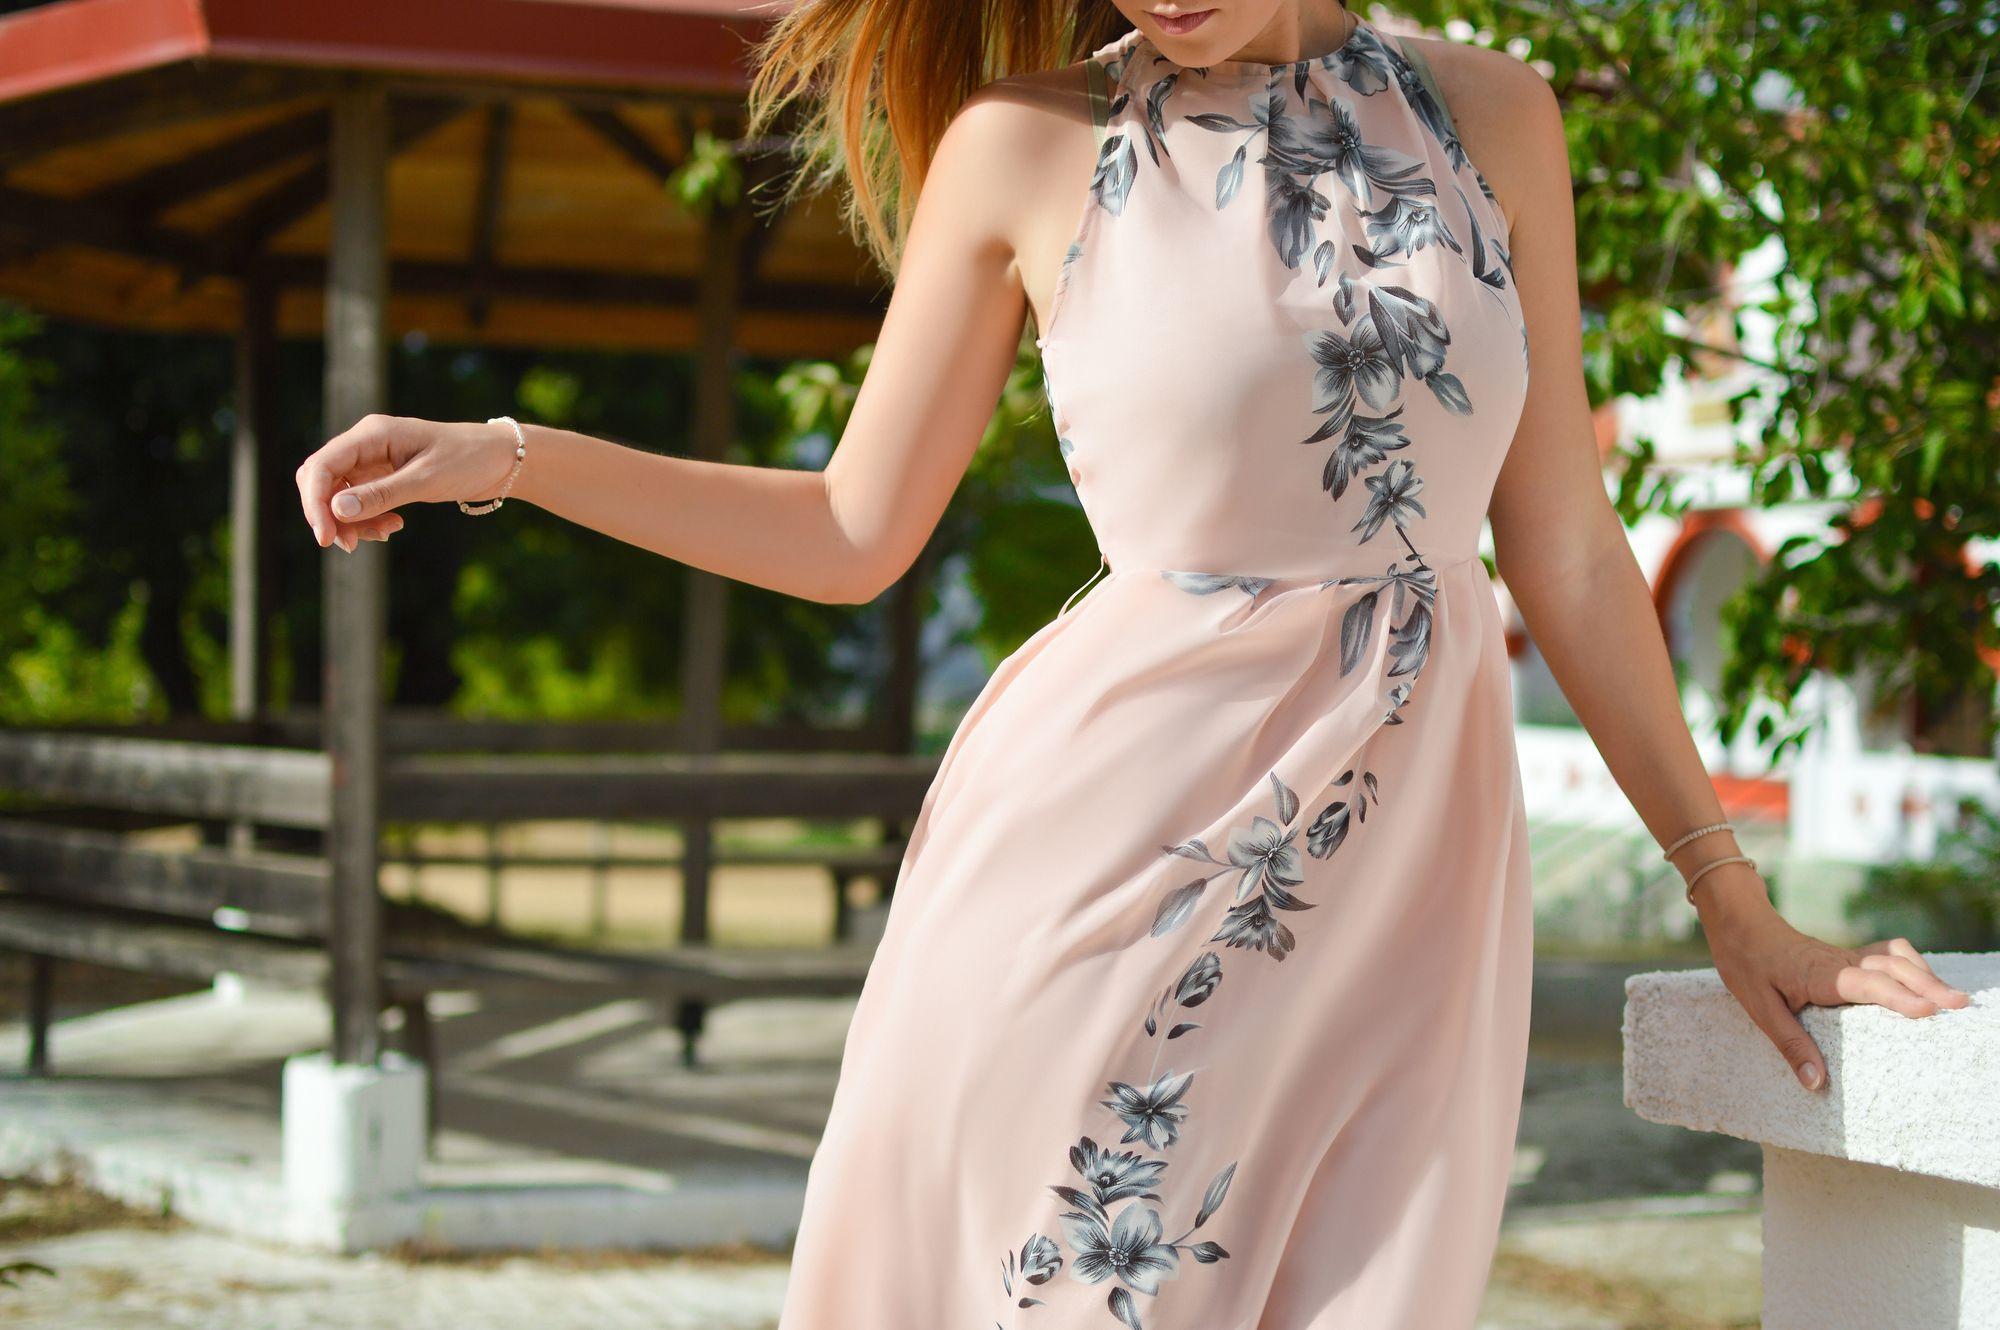 Oberarmstraffun: Frau im Sommerkleid mit nackten Armen